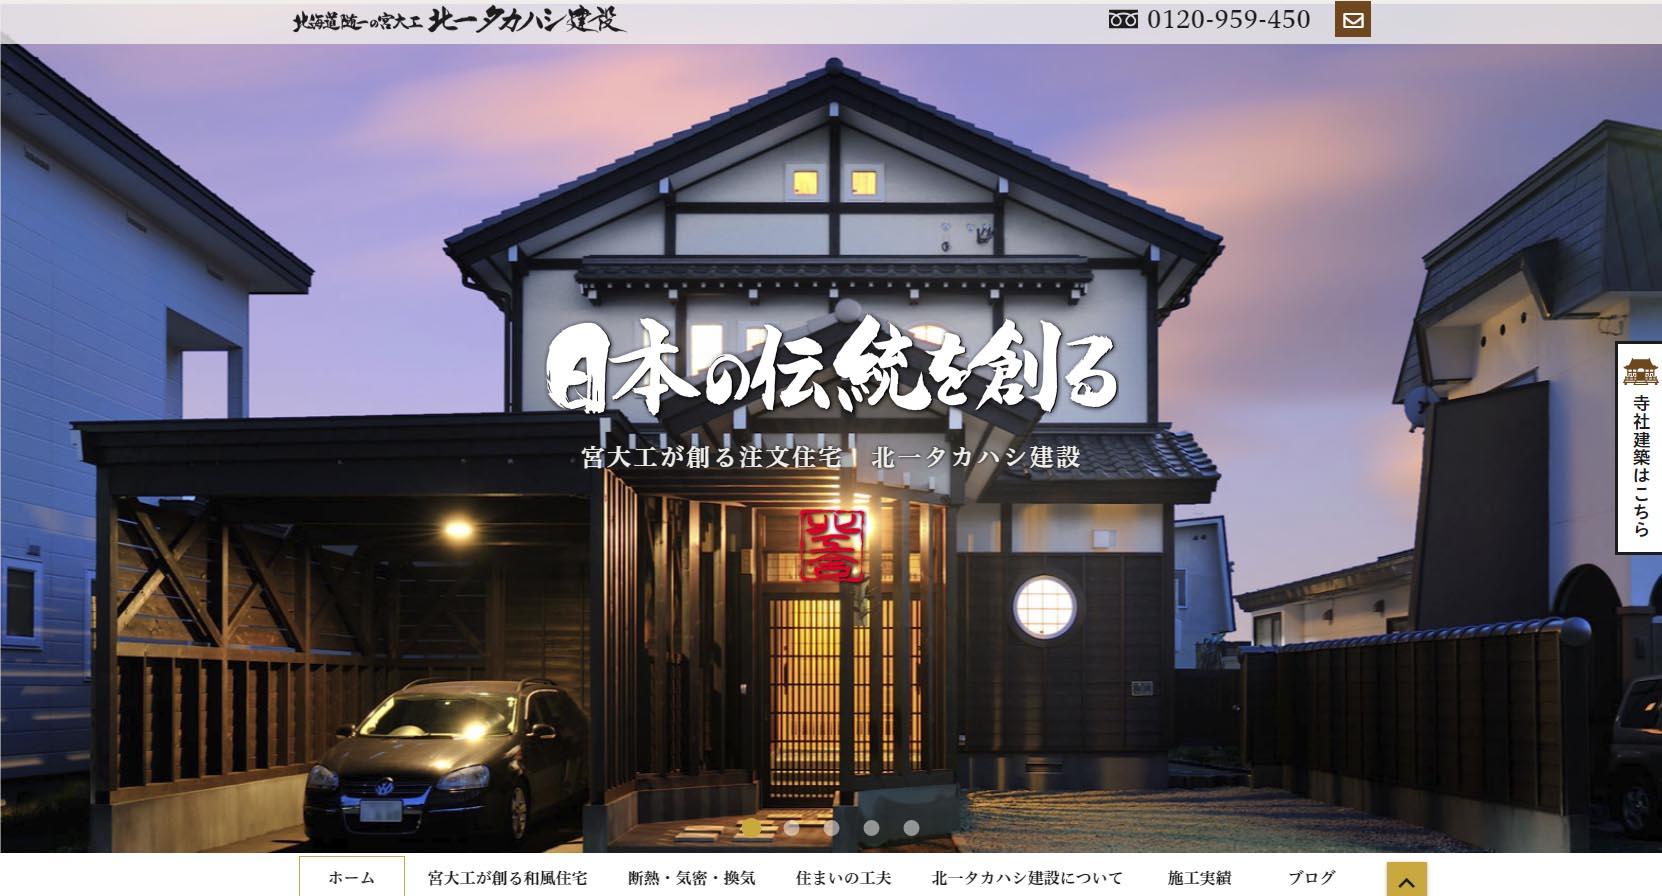 株式会社北一タカハシ建設の住宅サイト 札幌市